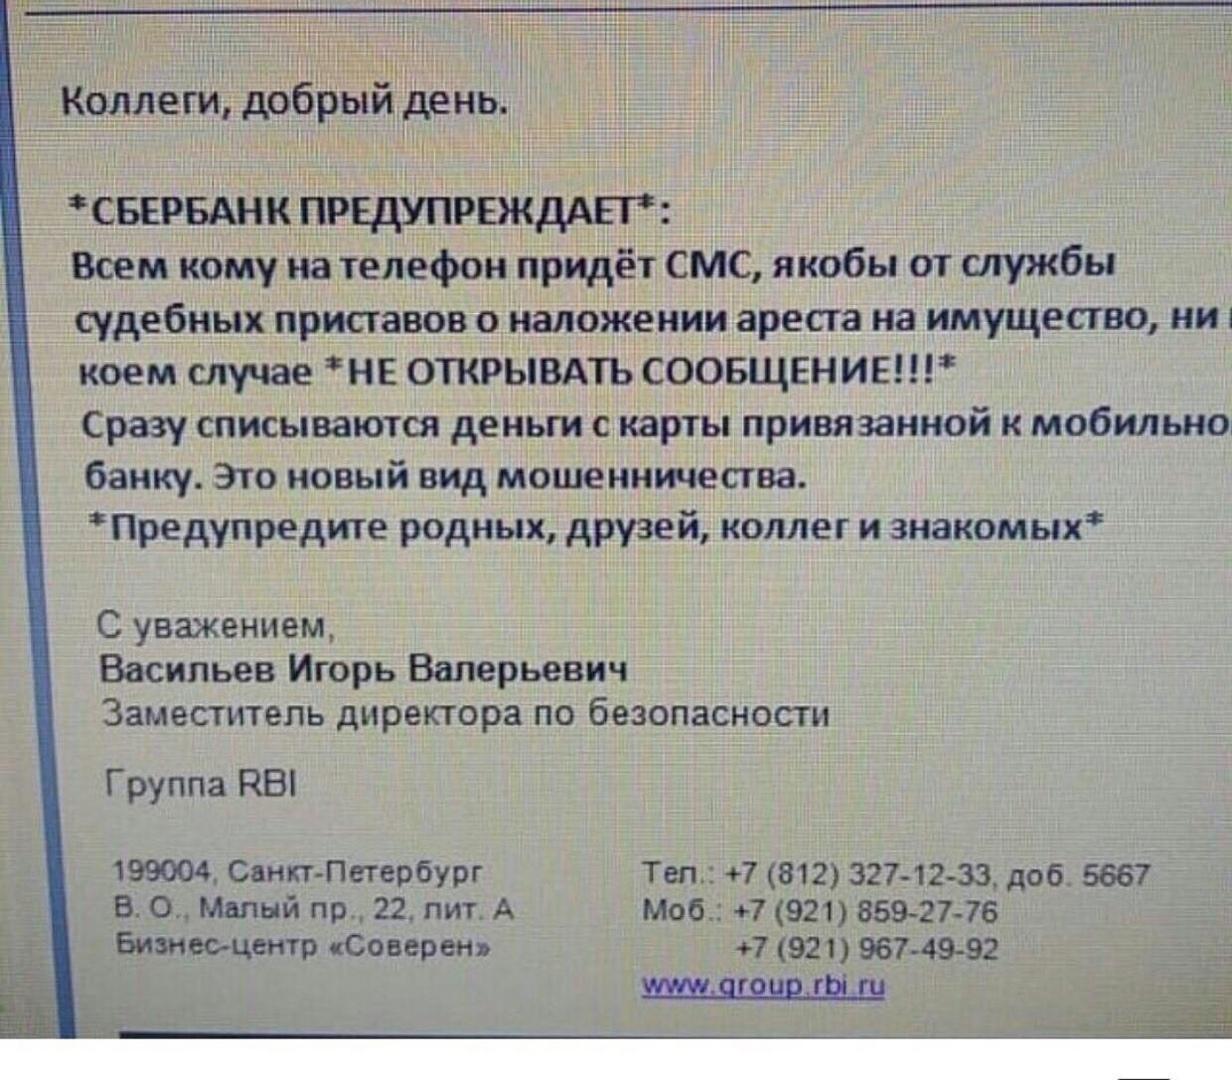 https://pp.userapi.com/c845323/v845323036/17e3c5/sU_F8p48u44.jpg